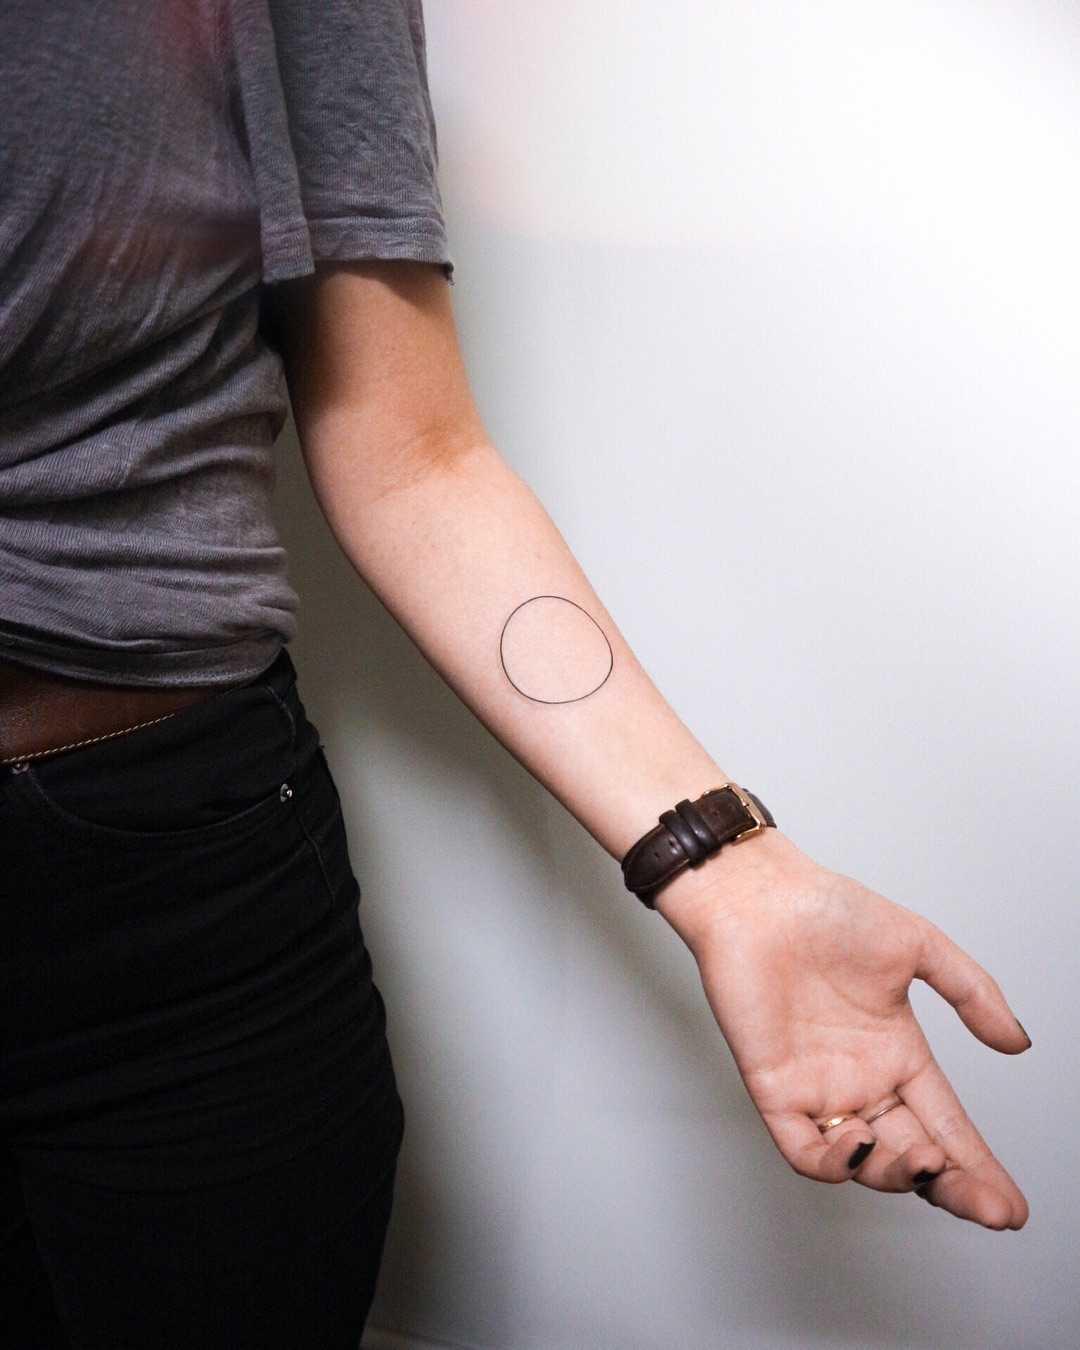 Classical circle tattoo by Ann Gilberg